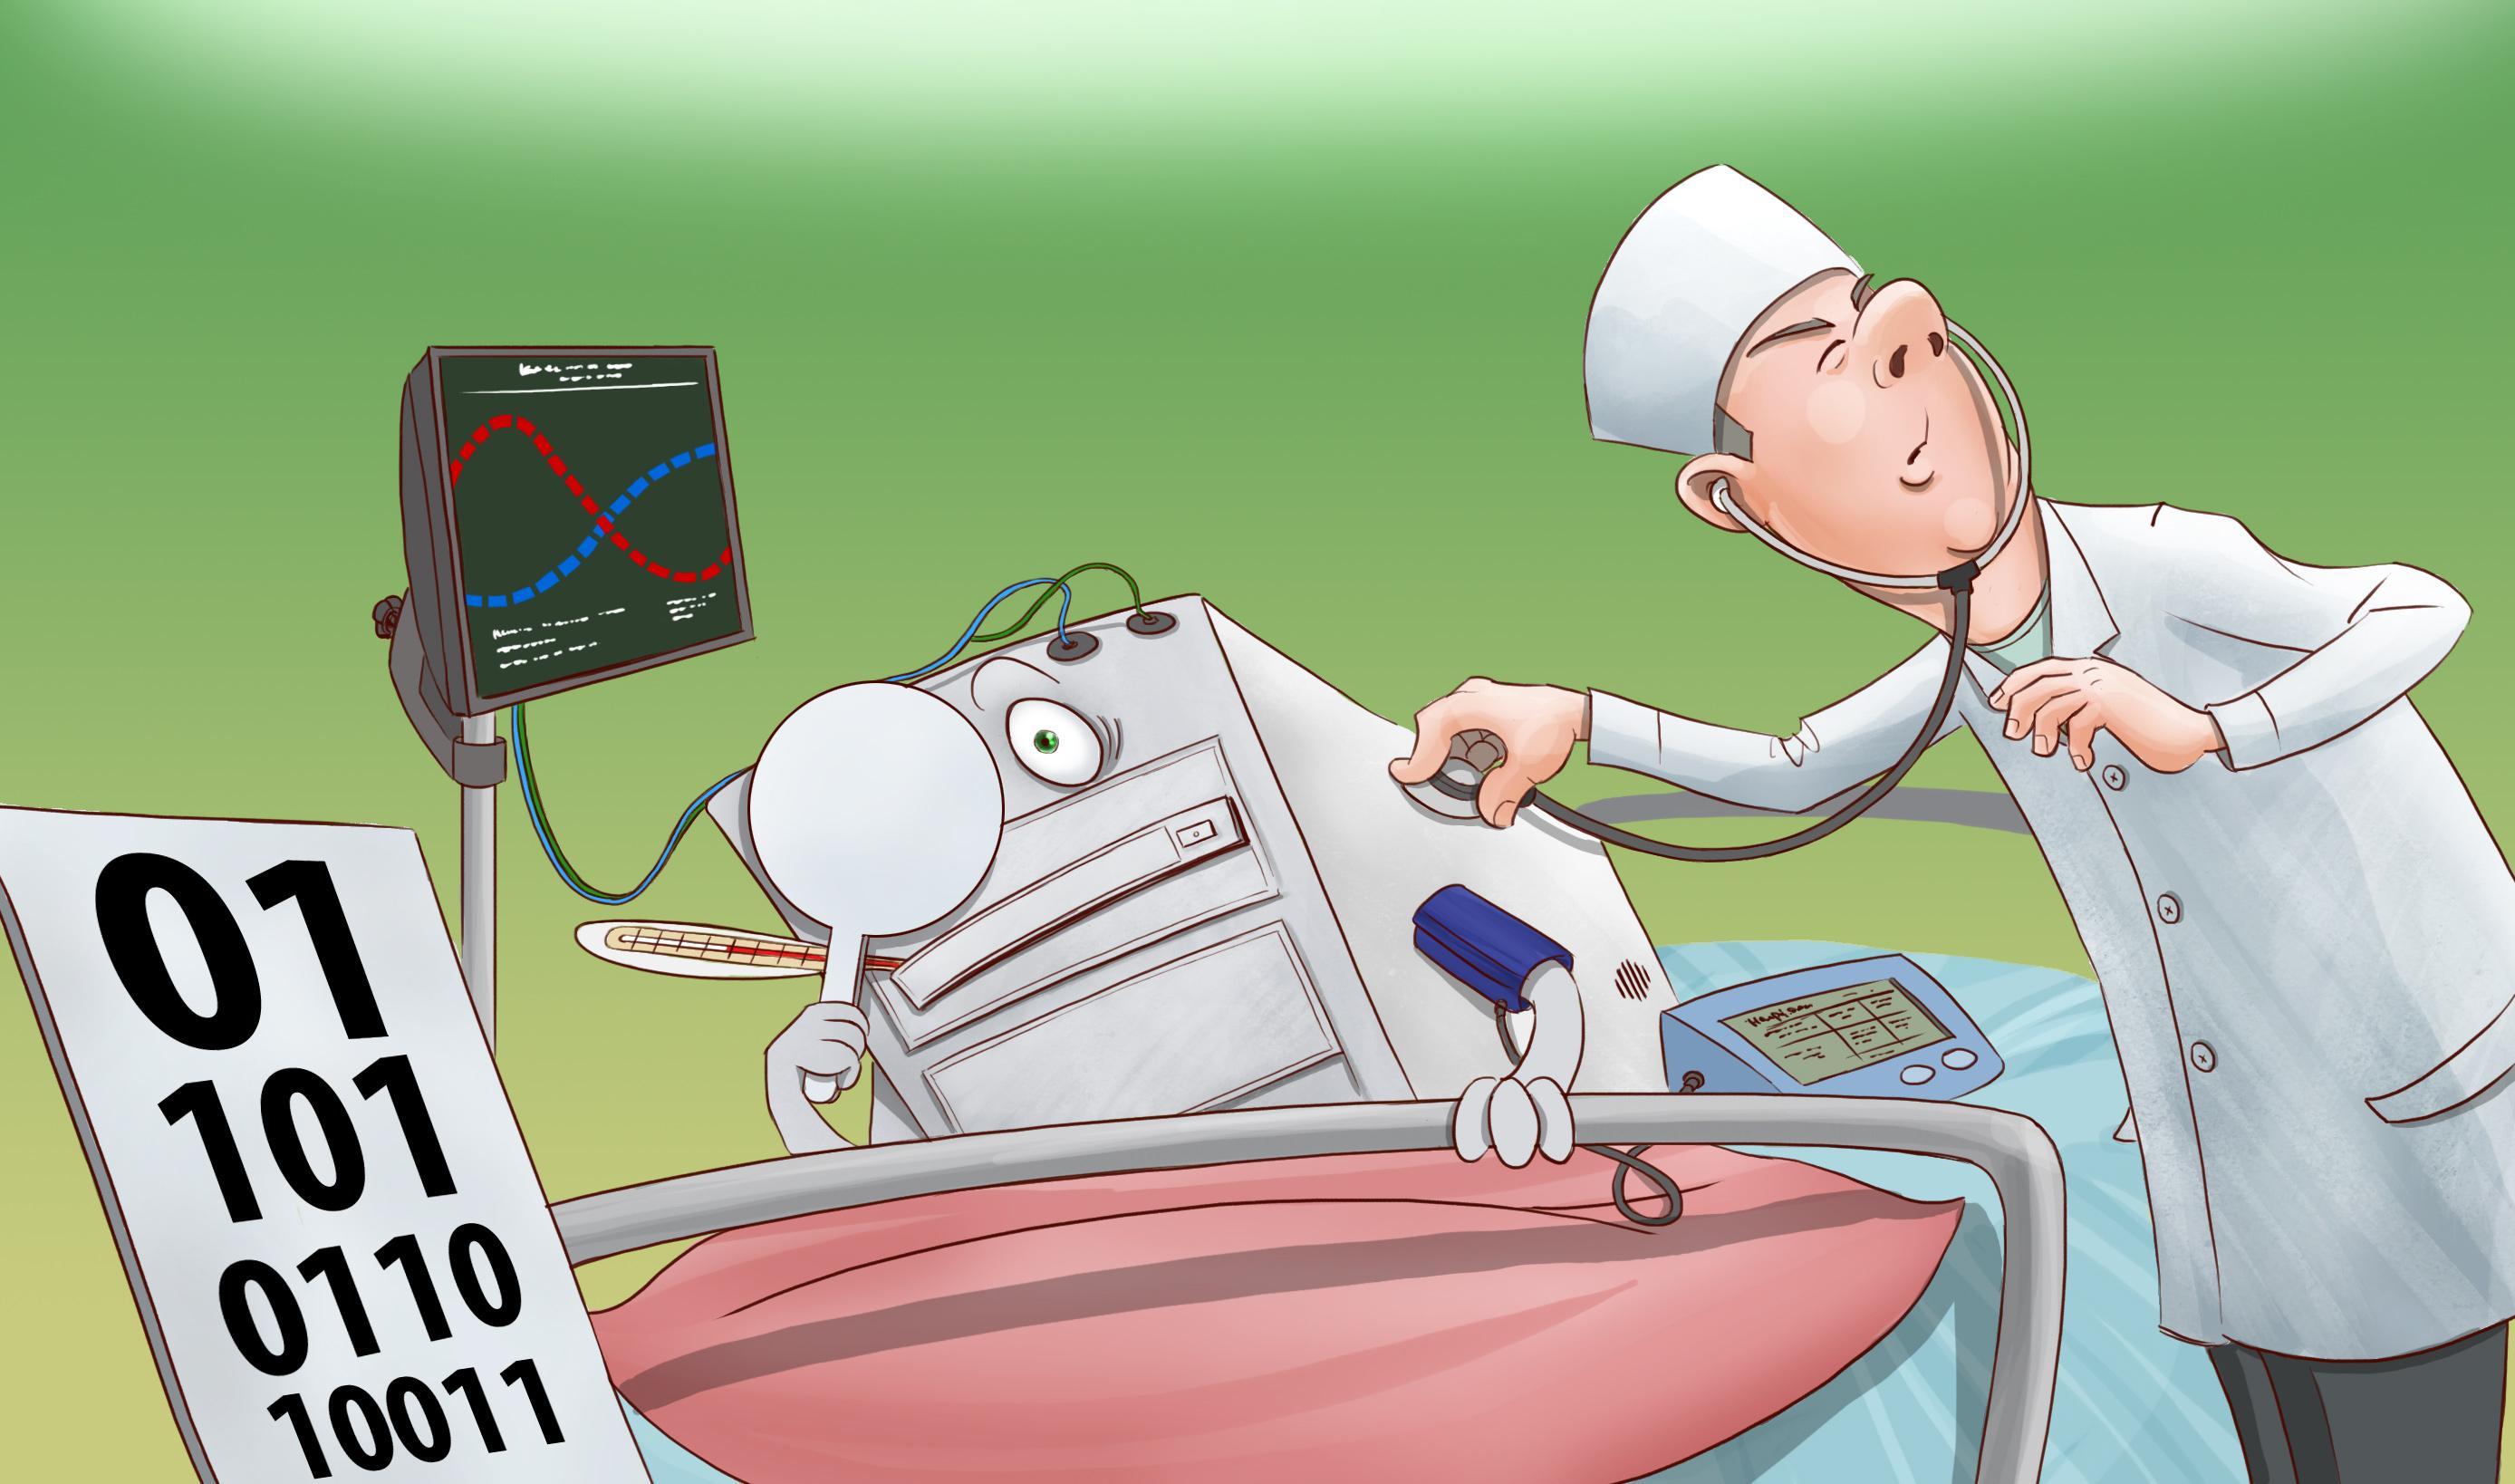 Полная инструкция по избавлению от бесполезных и вредоносных программ